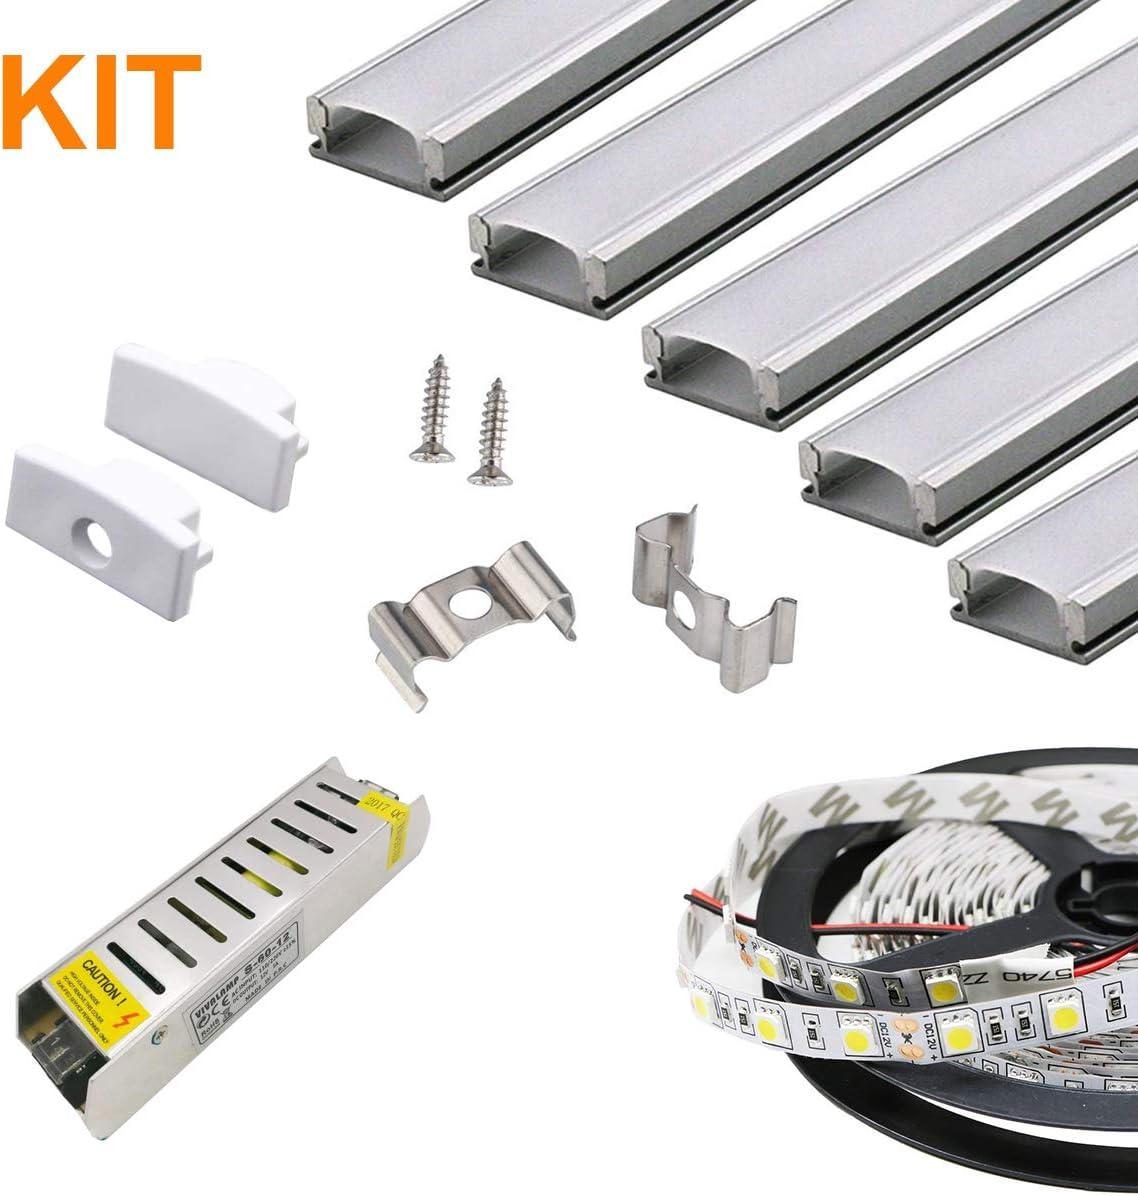 490114 Striscia Led 5050 da 5MT 6400K Luce Fredda Kit 5pz Profili Lineari in Alluminio da 1MT con 10 Tappi 10 Staffe di Fissaggio Trasformatore 5A 12V LineteckLED